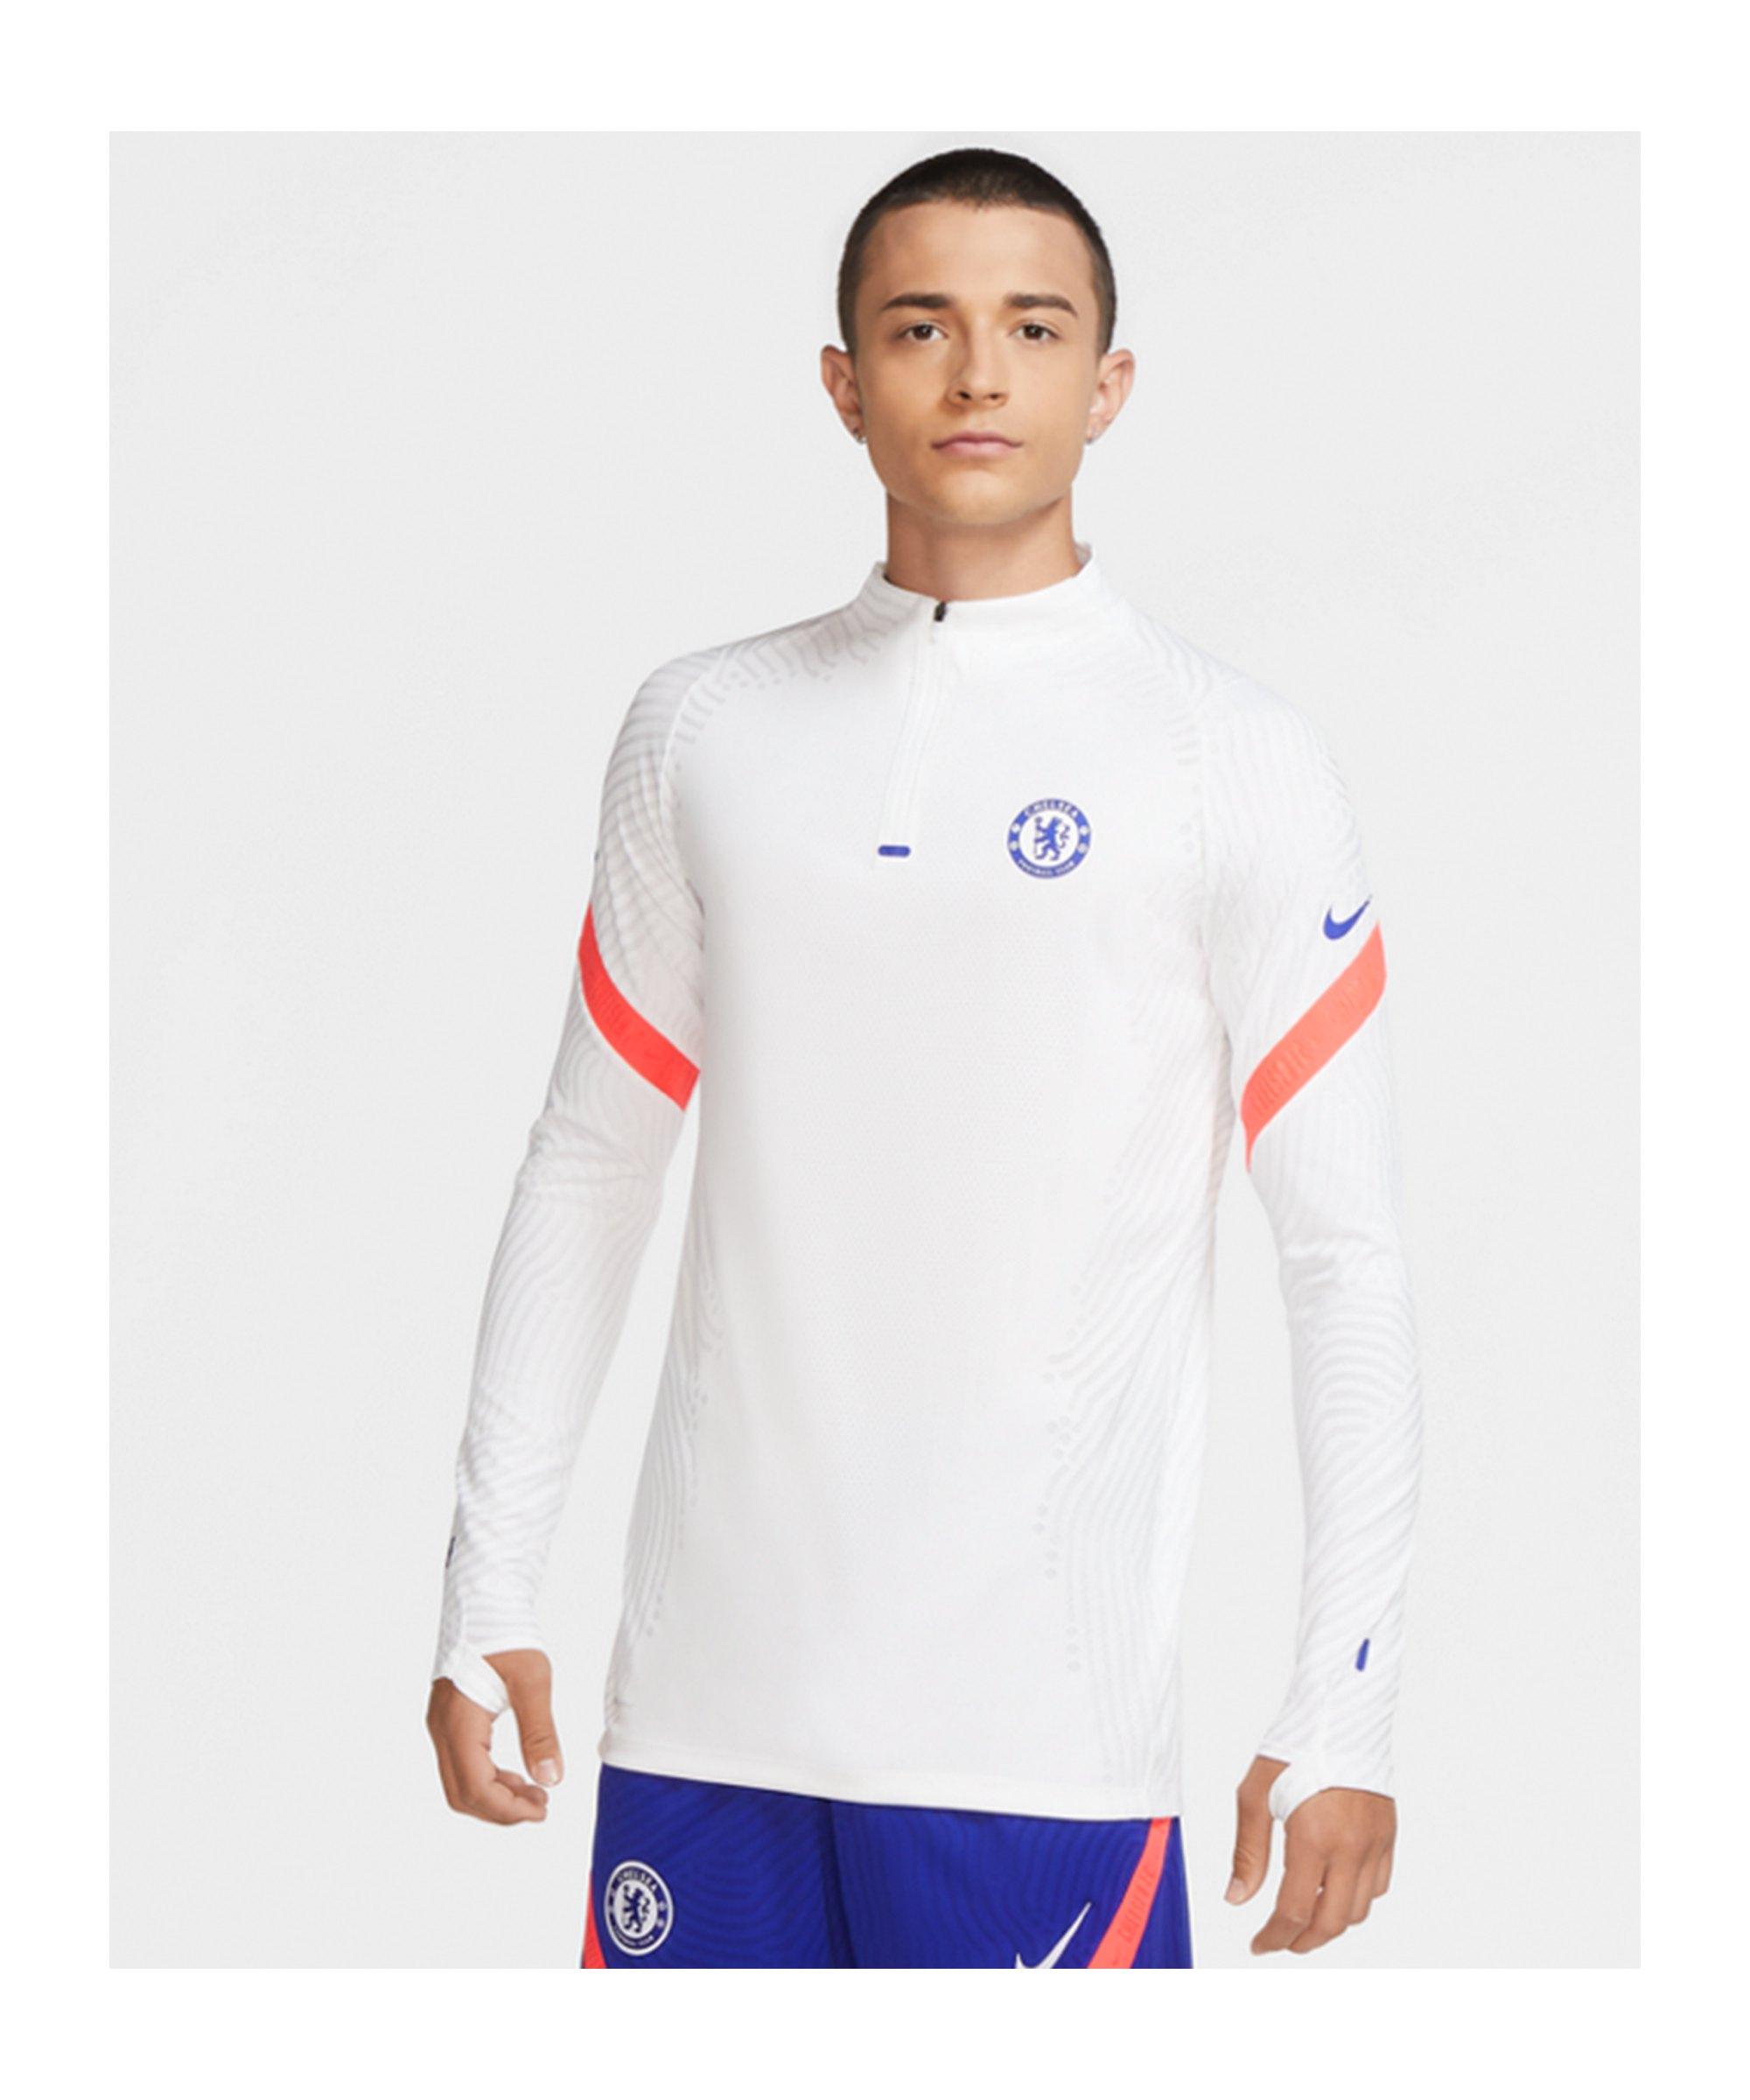 FC Chelsea London Vapor Knit Drill Top CL Weiss F101 - weiss